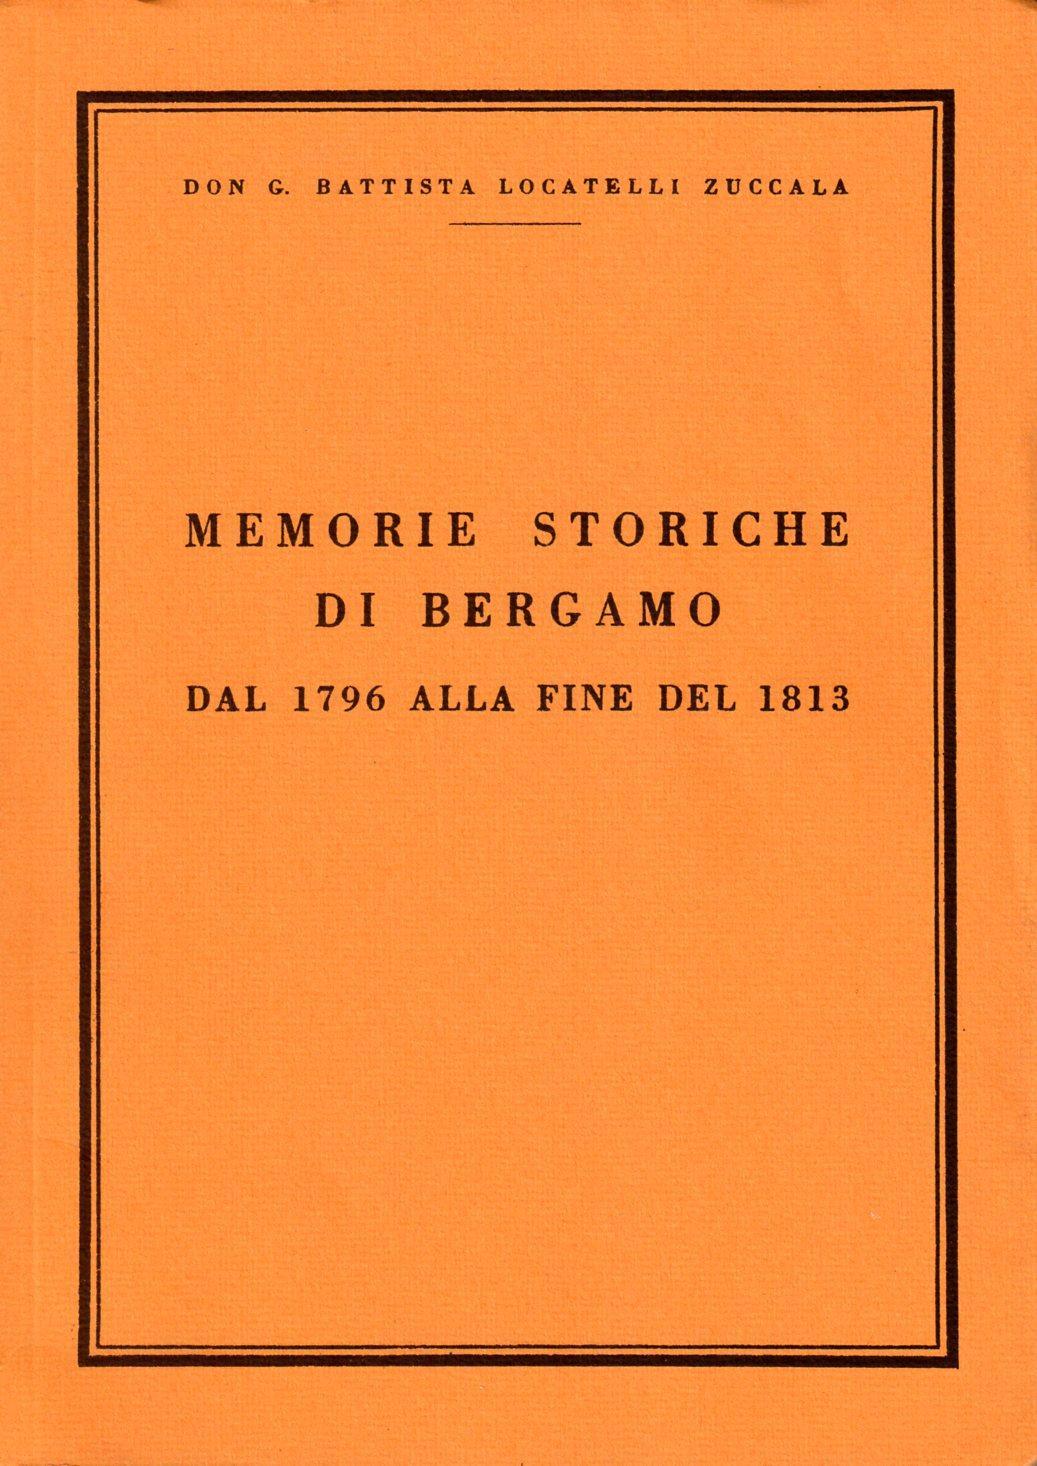 18 - Memorie storiche -Locatelli Zuccala